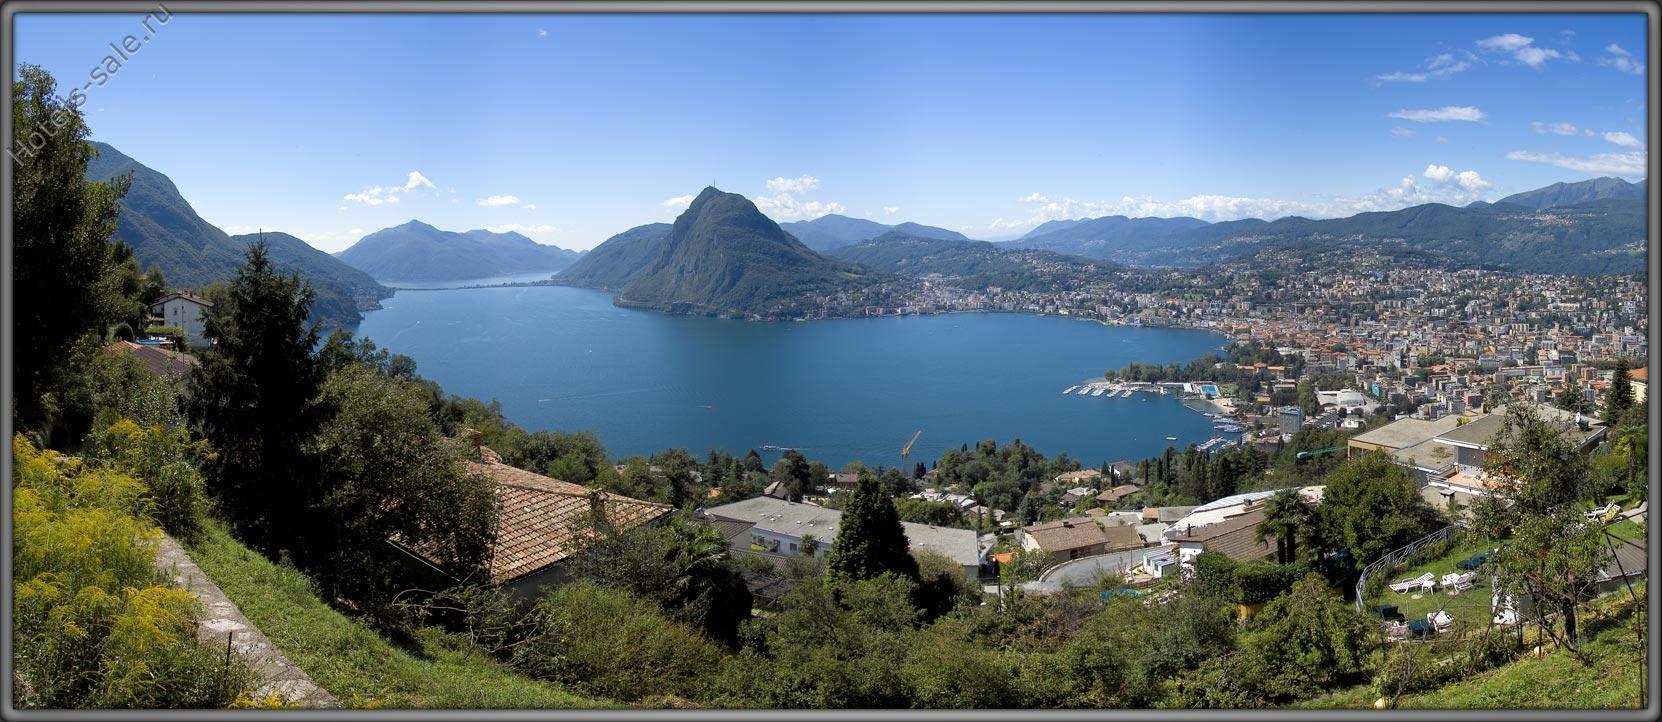 5 звездочная гостиница в Лугано, Швейцария